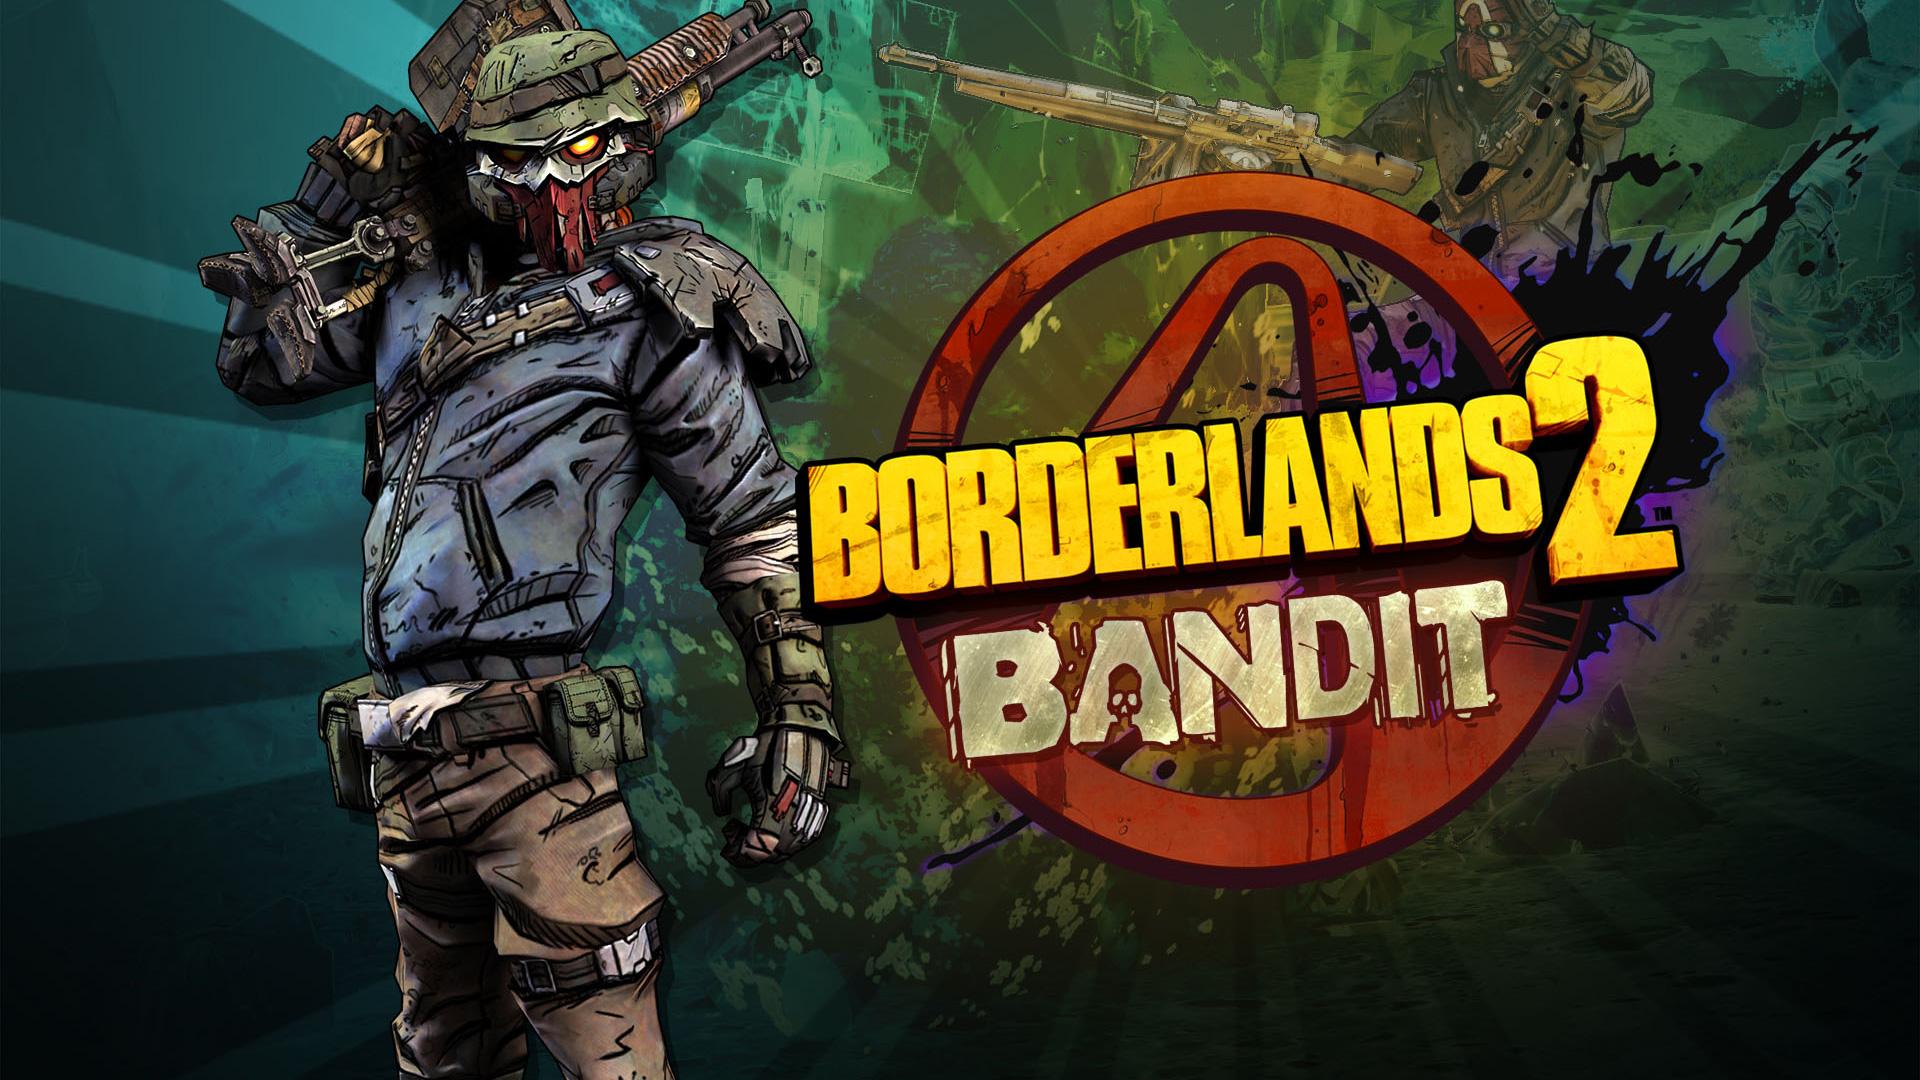 Free Borderlands 2 Wallpaper in 1920x1080